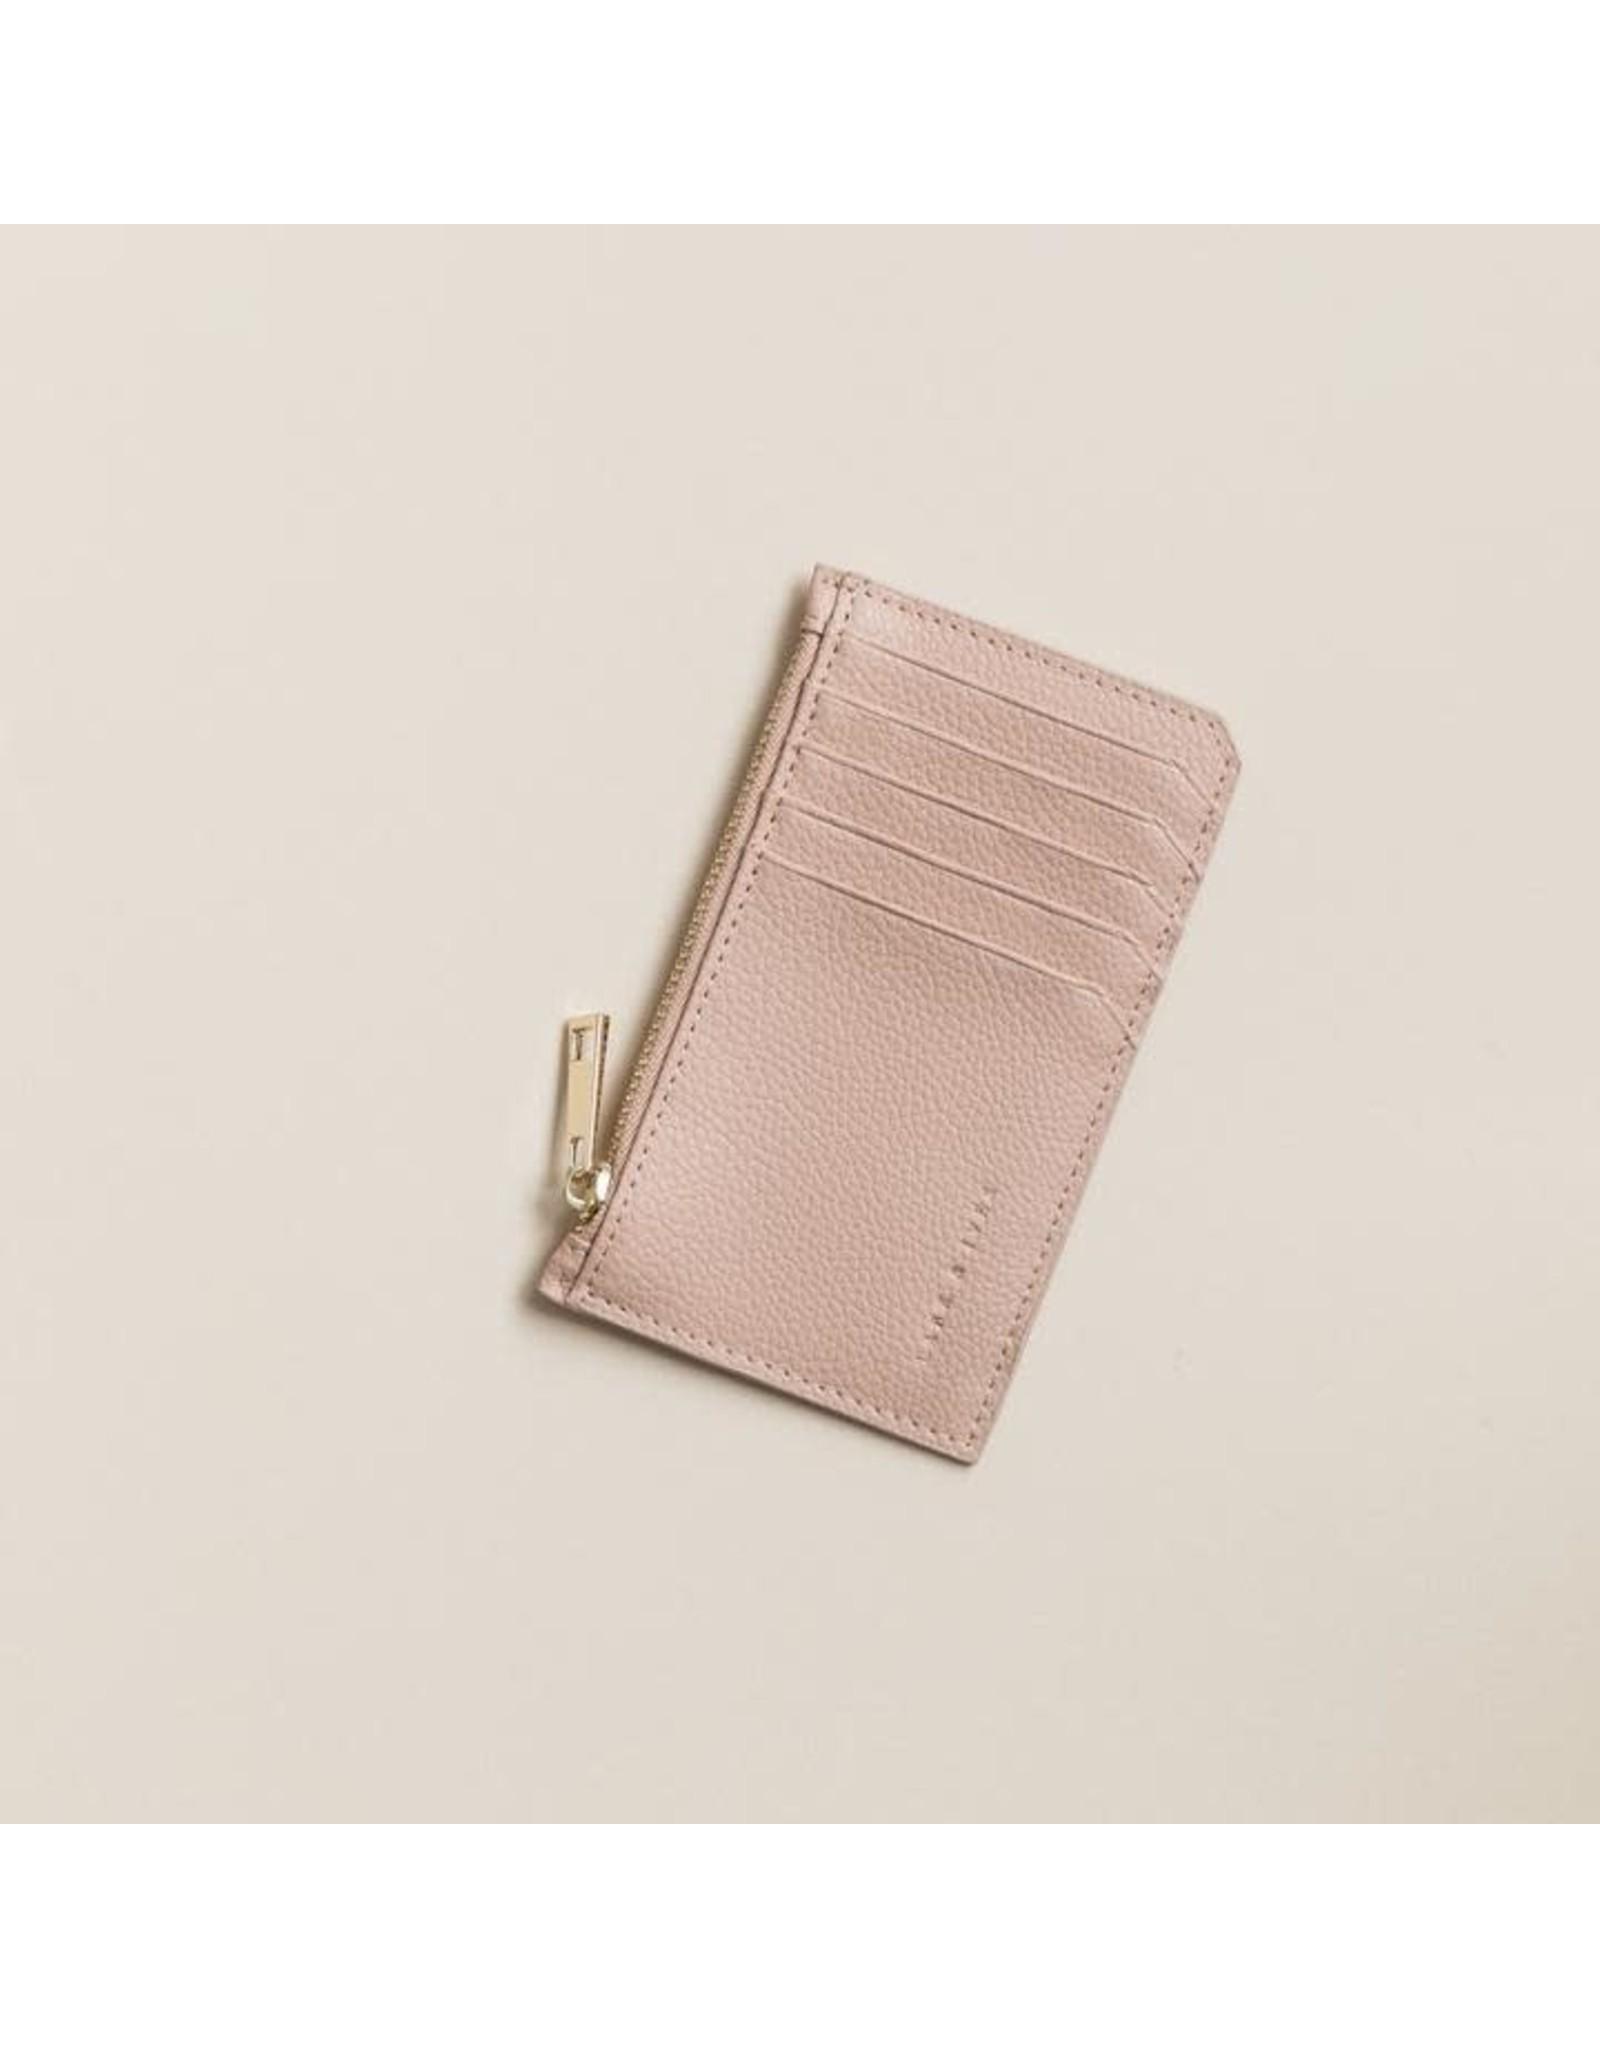 Lark & Ives Long Zippered Card Holder